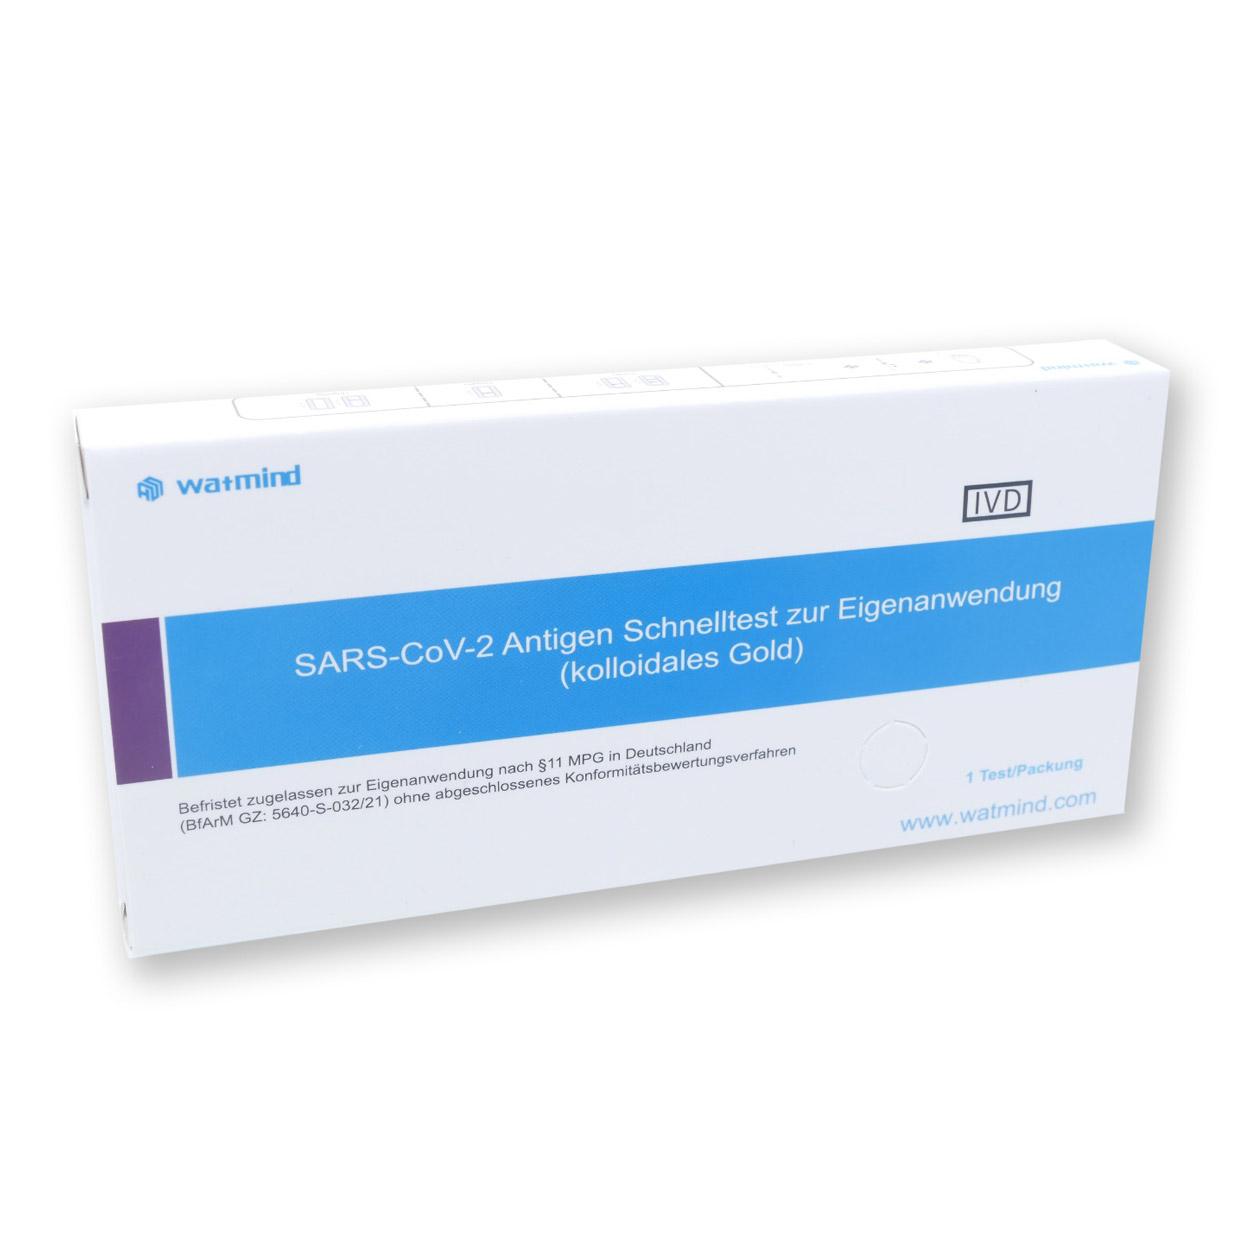 Watmind Lollypop-Test für Laien (Colloidal Gold) - Corona Antigen-Schnelltest - Einzeln verpackt